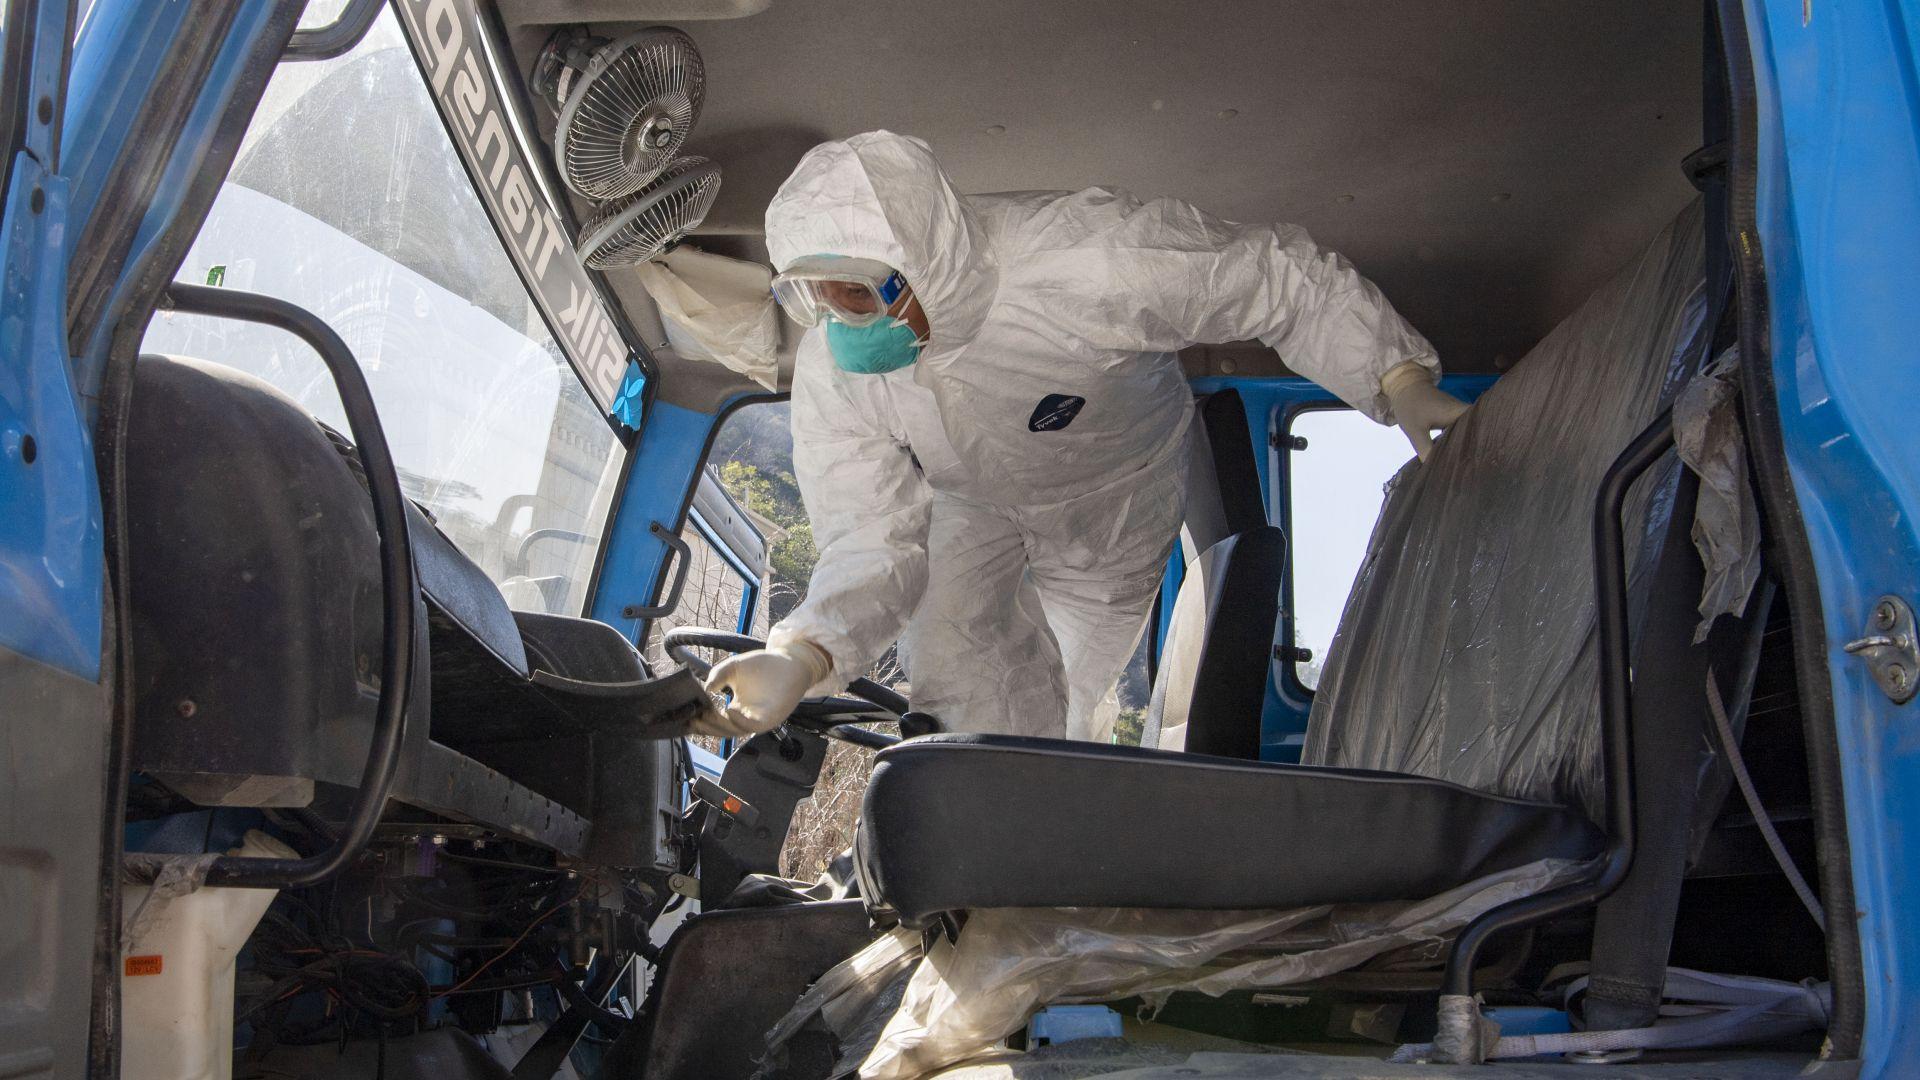 170 са вече жертвите на коронавируса в Китай, СЗО заседава извънредно